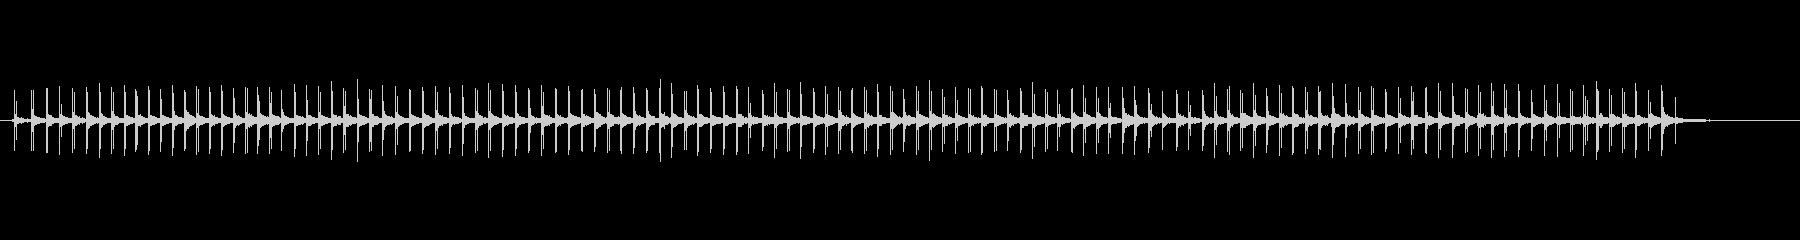 ステップ-ロビー-女性-継続的-ス...の未再生の波形